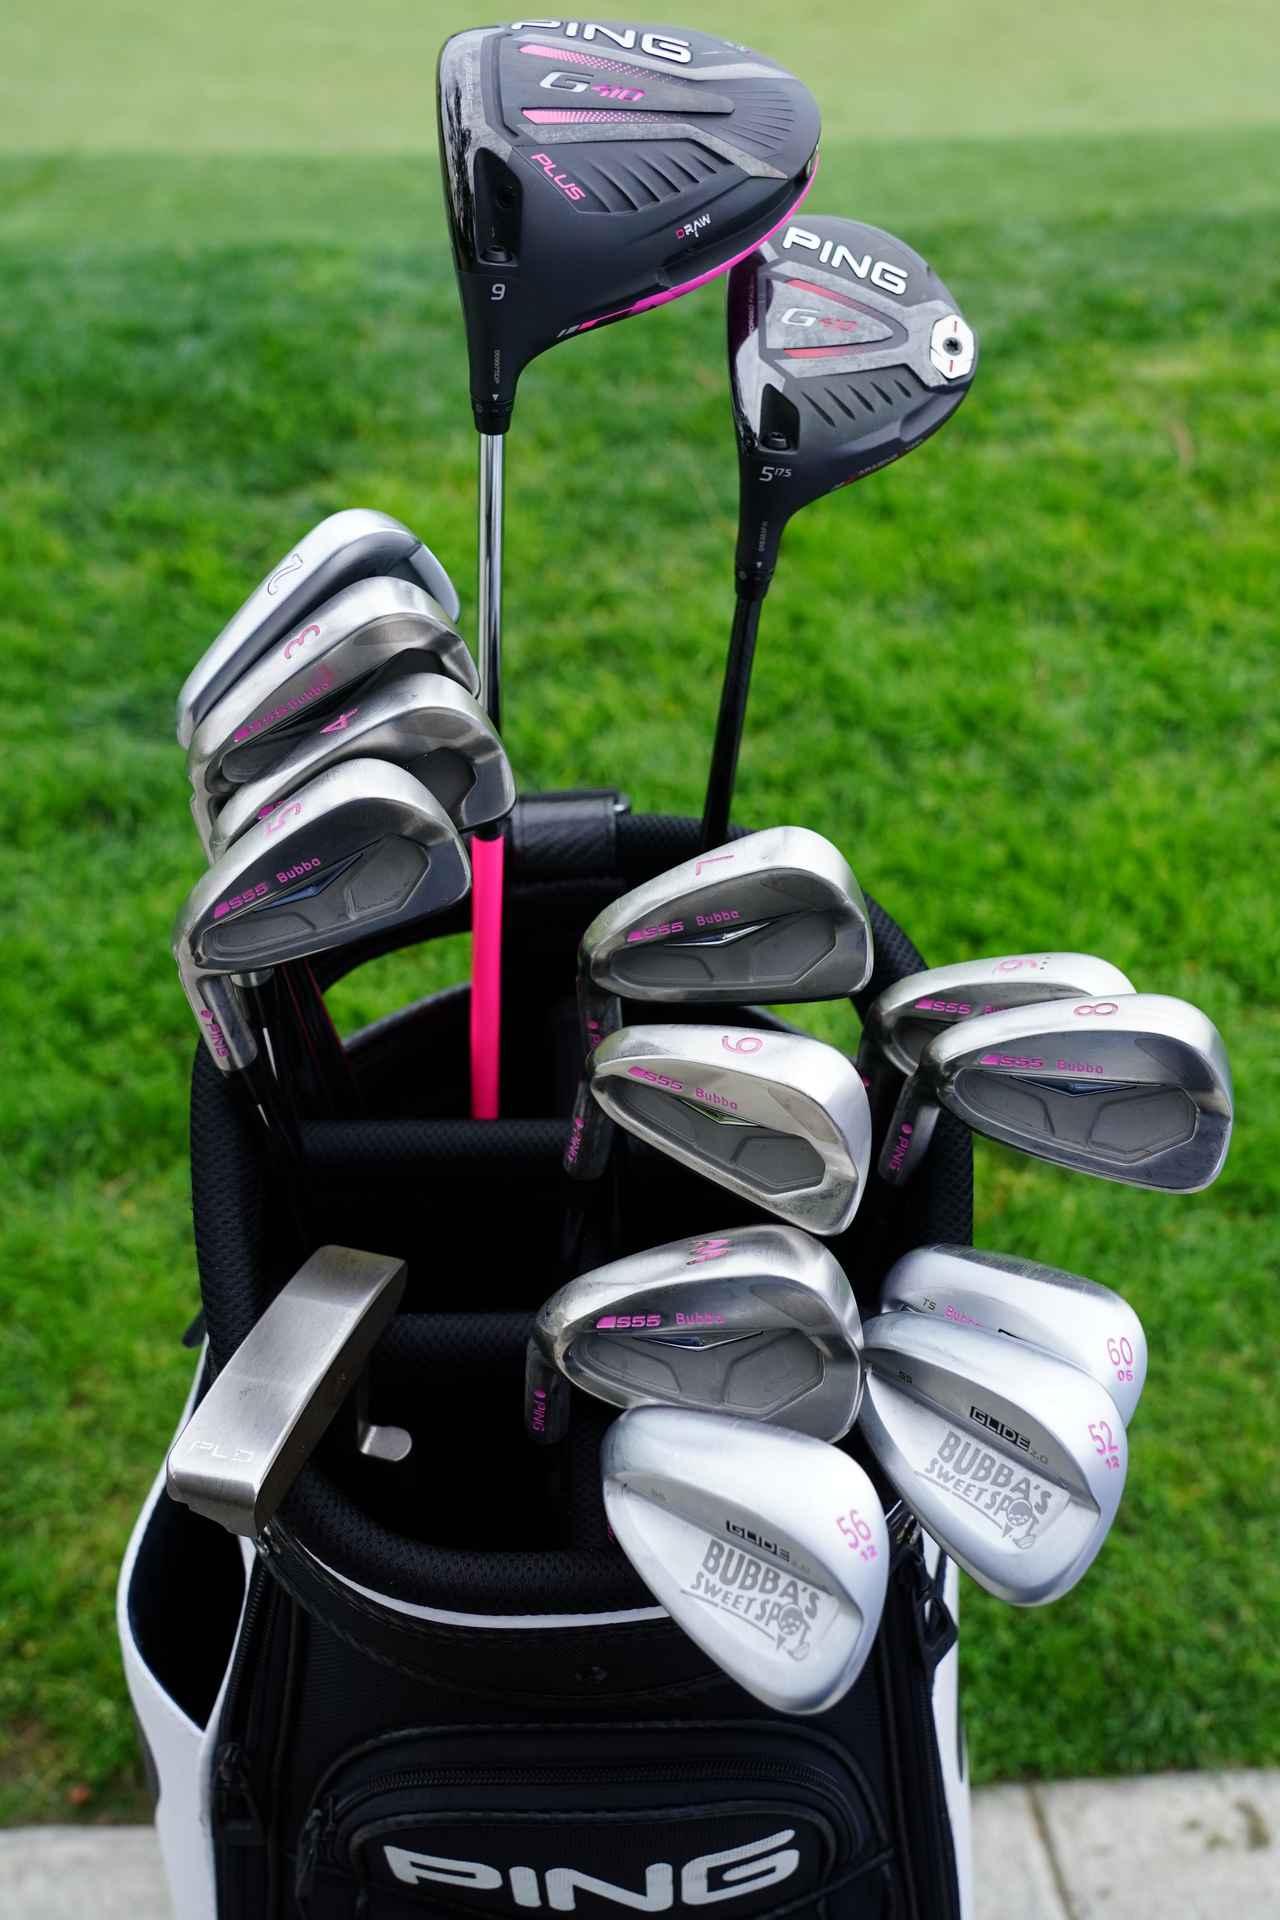 Images : 1番目の画像 - バッバ・ワトソンのクラブセッティングはコチラから - みんなのゴルフダイジェスト